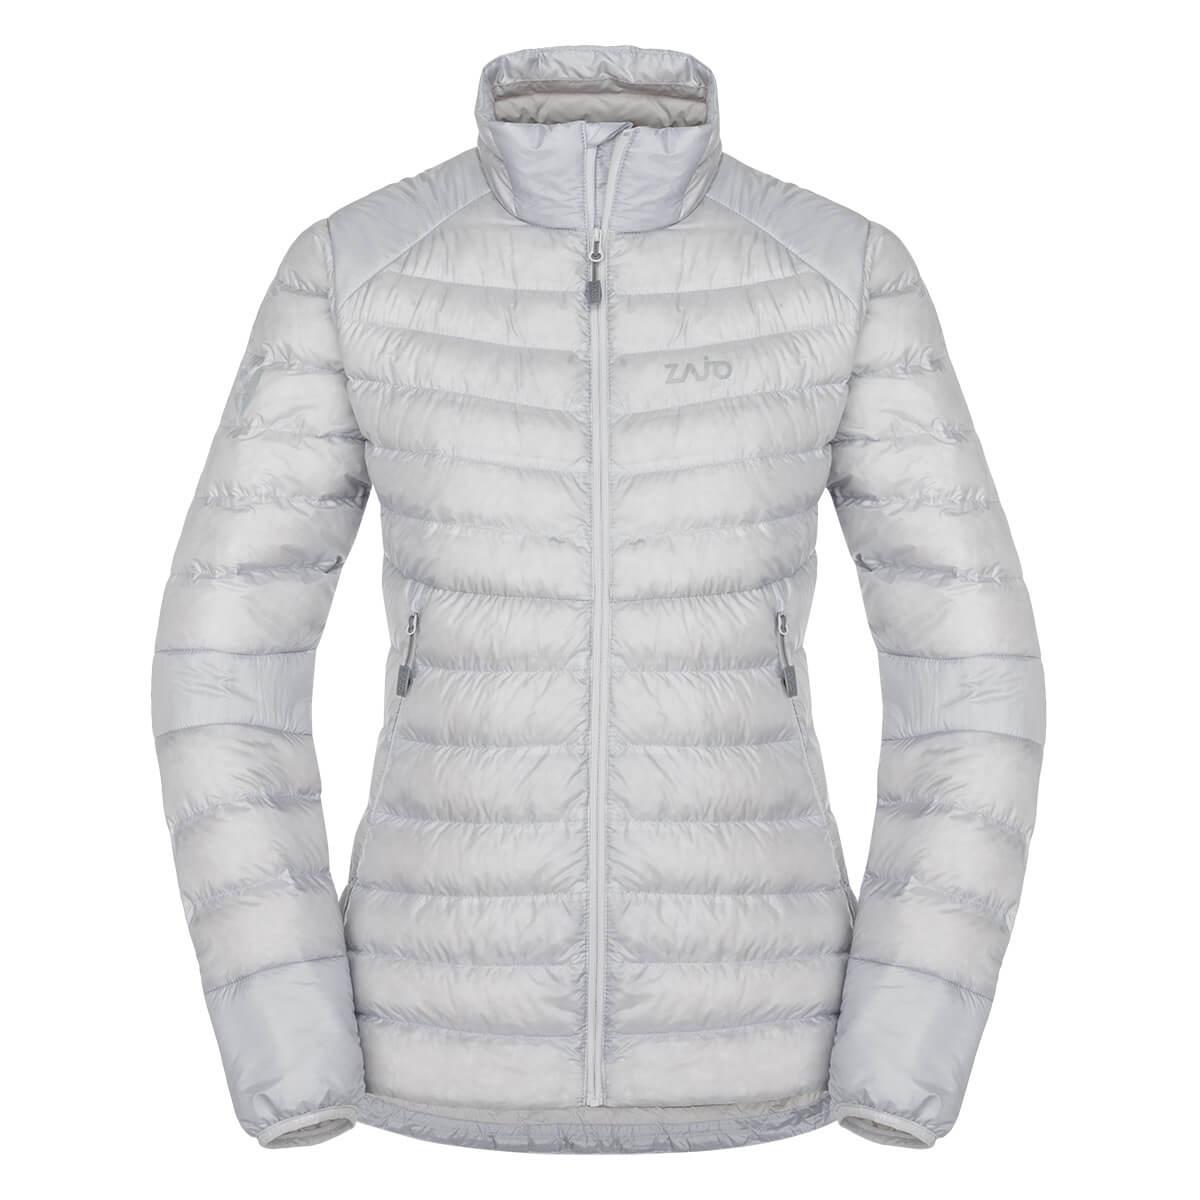 Dámska bunda Zajo Livigno W NH JKT Glacier Gray - veľkosť XS